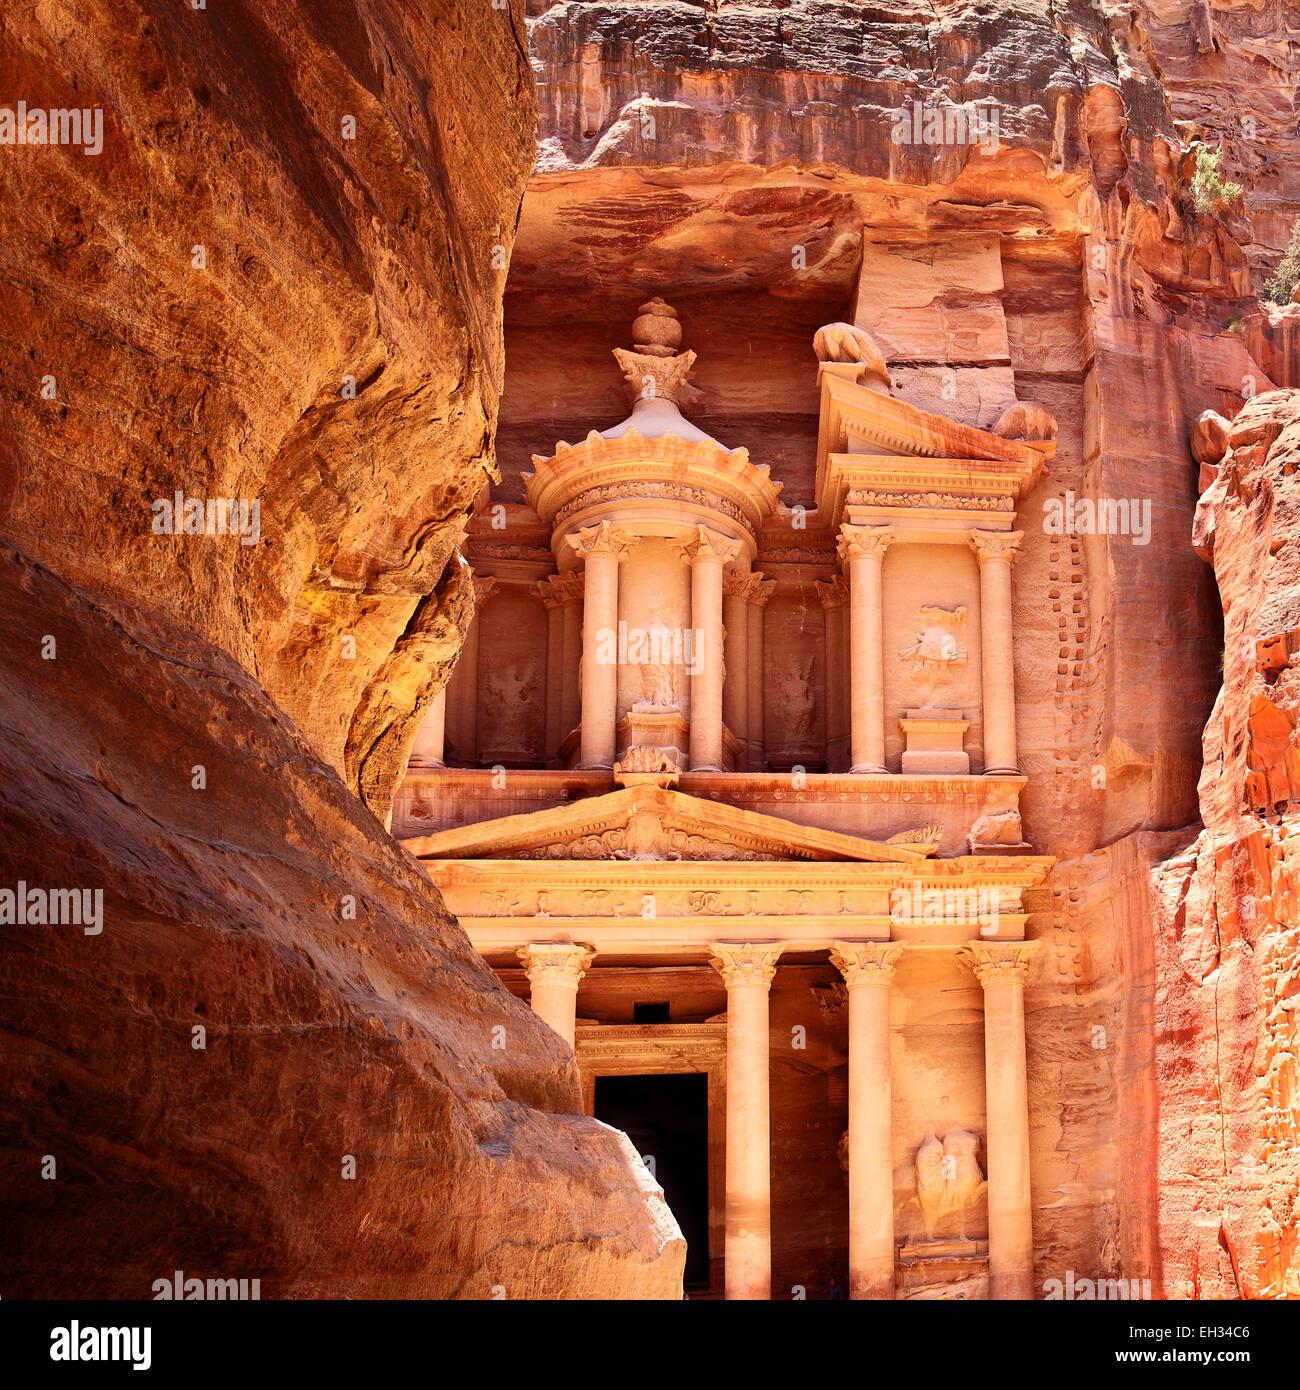 Tesoro en Petra (Al Khazneh), Jordania Imagen De Stock